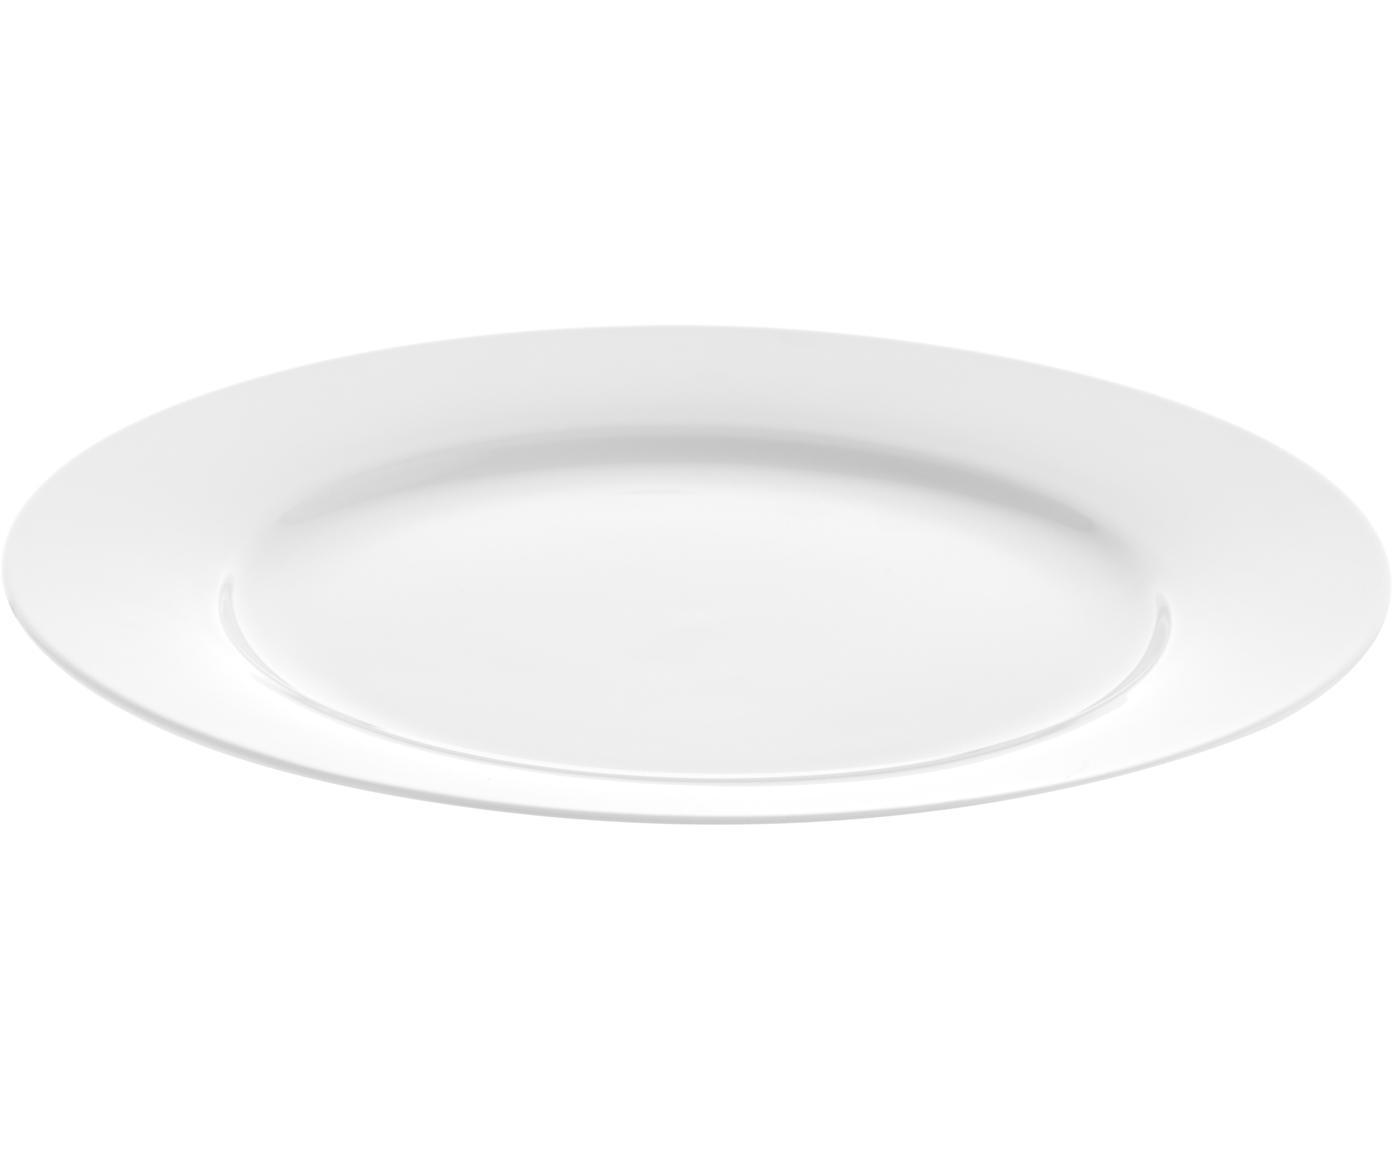 Assiettes plates en porcelaine Delight Classic, 2pièces, Blanc